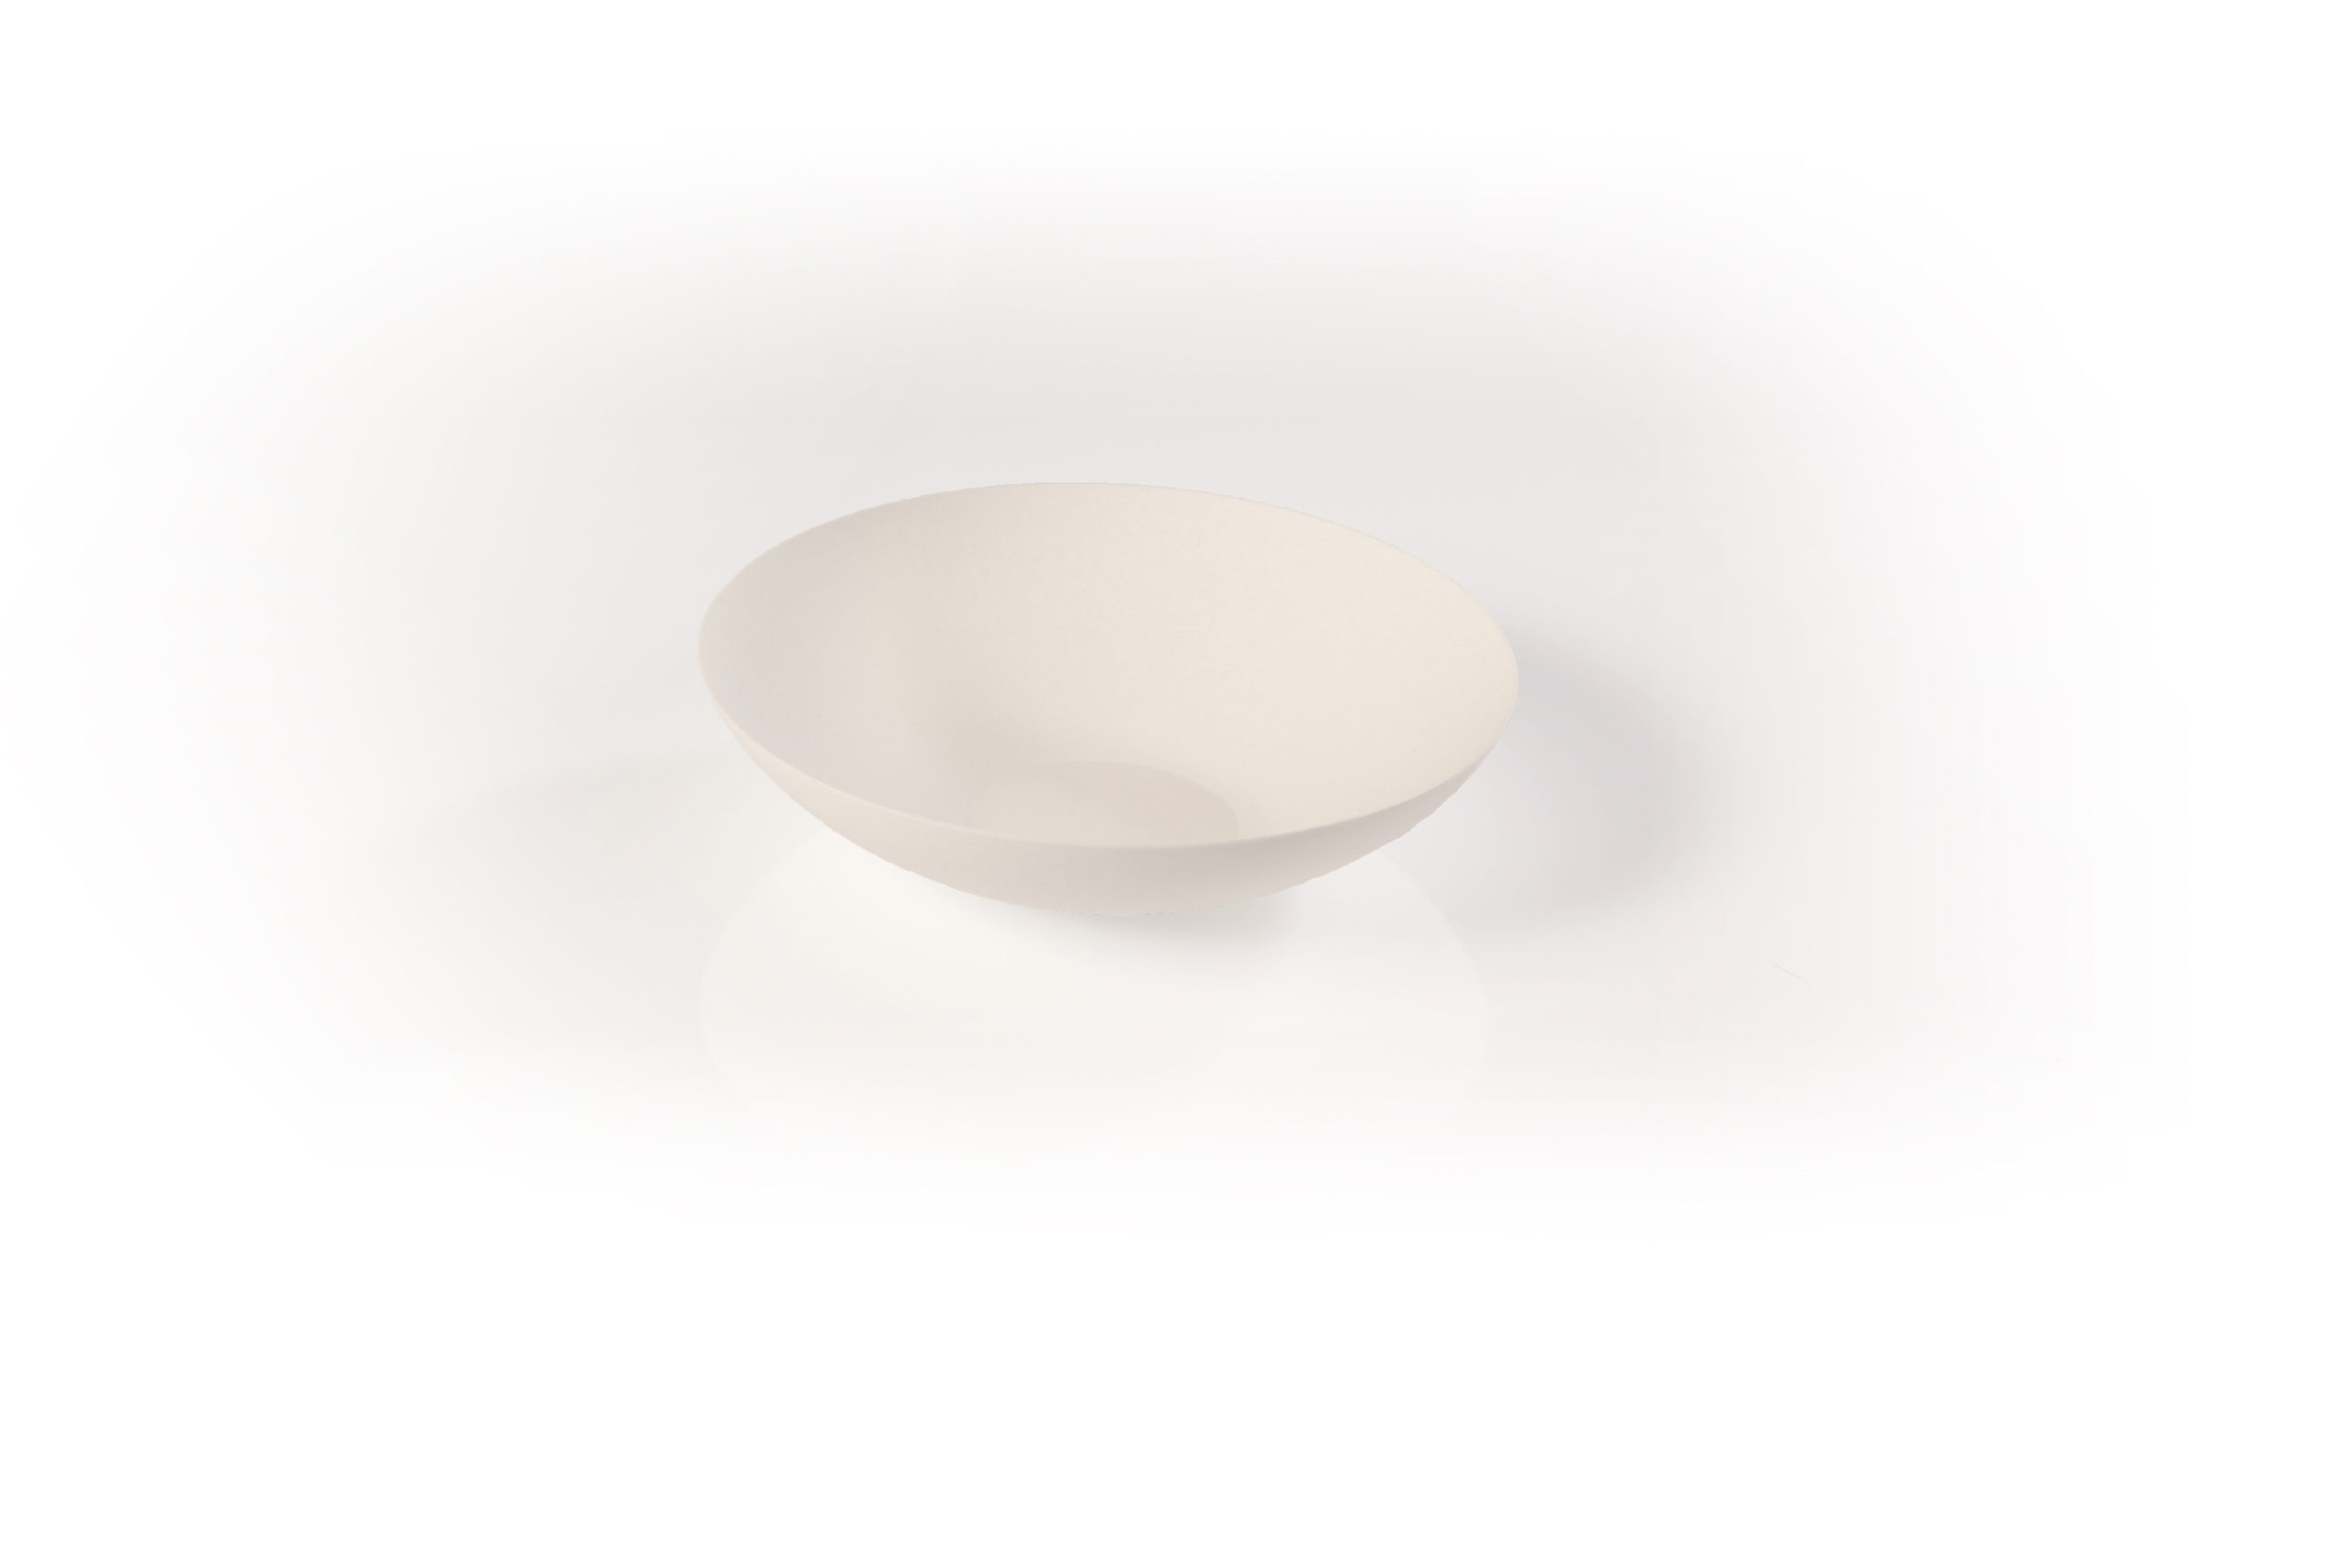 Bagastro bord diep rond Ø 18 cm